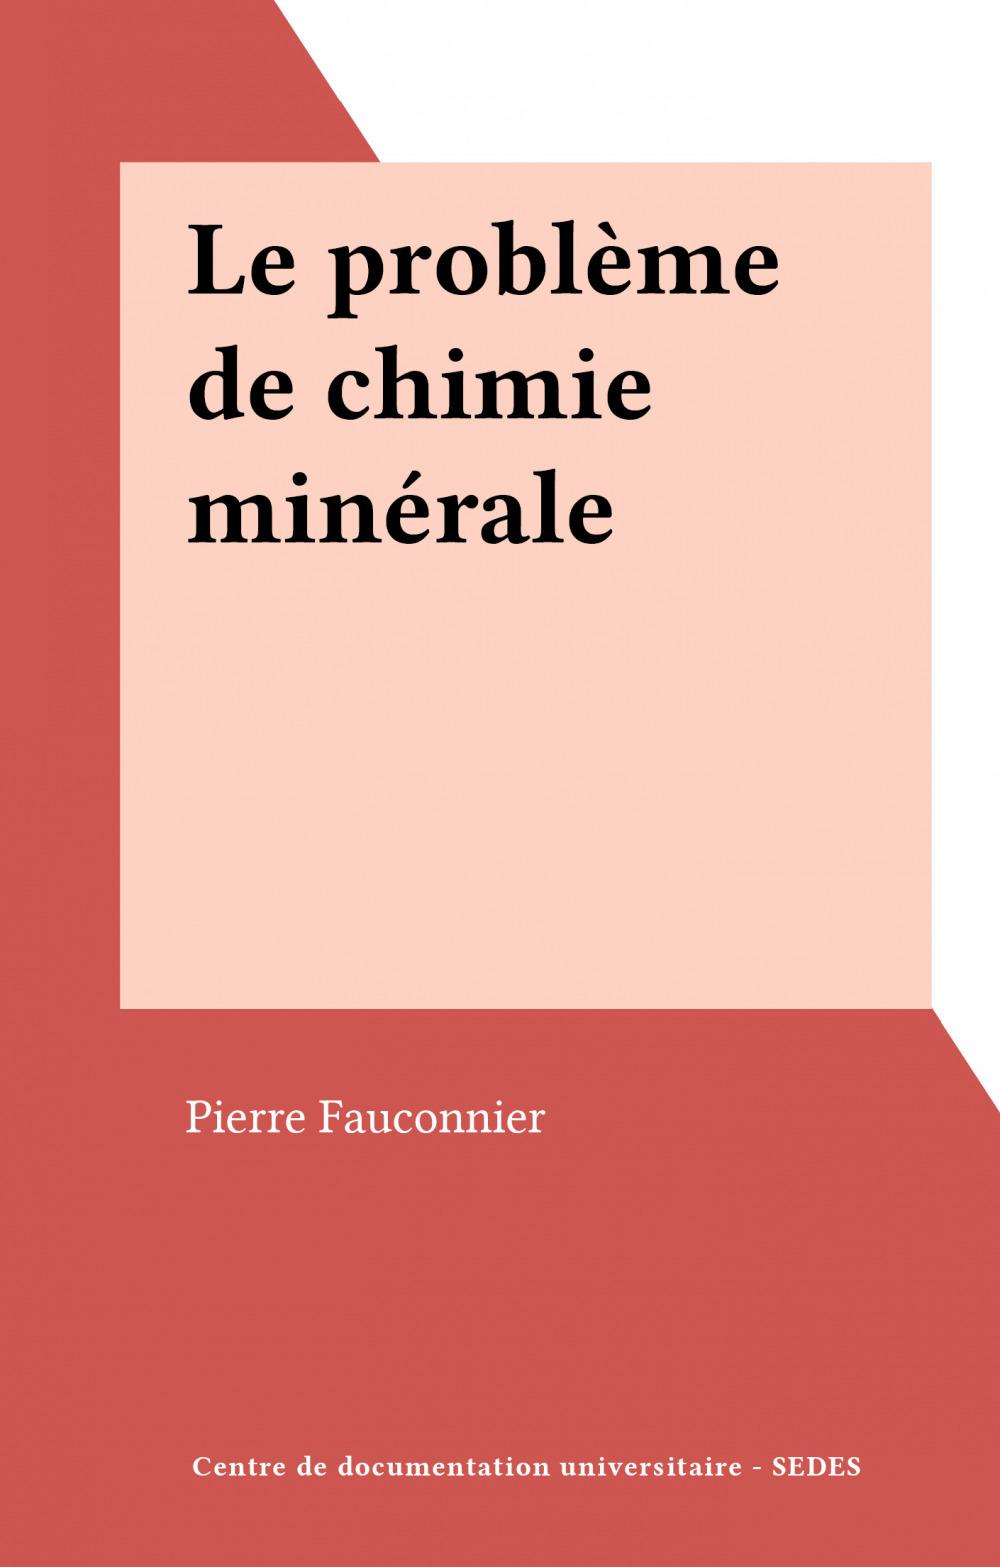 Le problème de chimie minérale